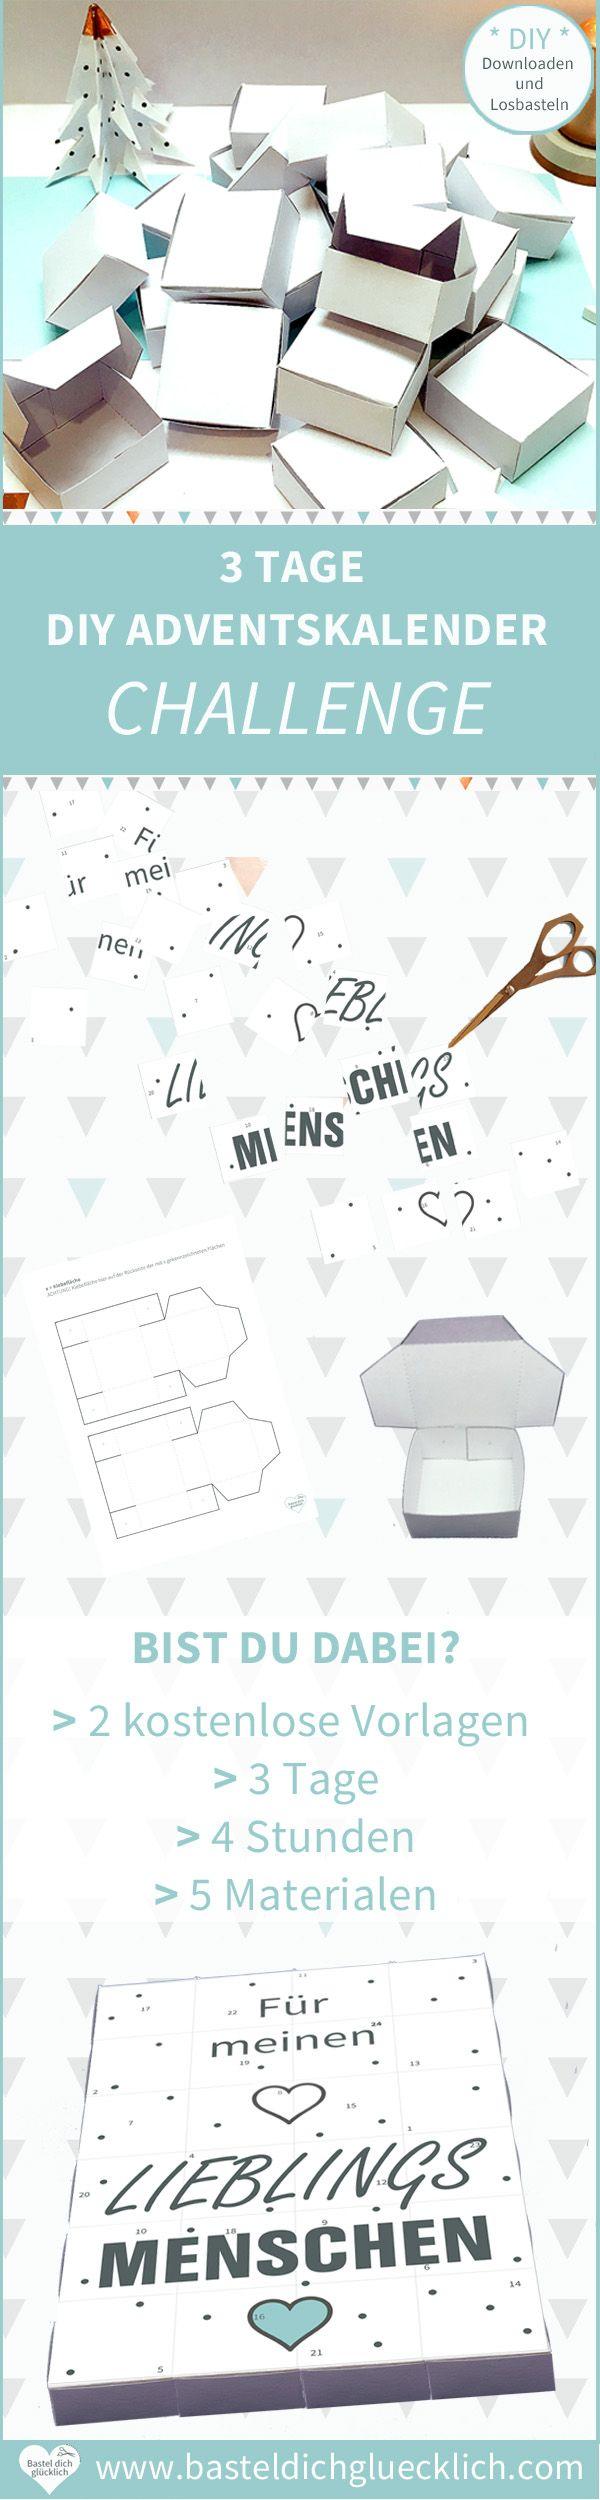 3 TAGE DIY ADVENTSKALENDER CHALLENGE: Einfach anmelden, kostenlose DIY Vorlagen herunterladen und Challenge starten #adventskalendermann